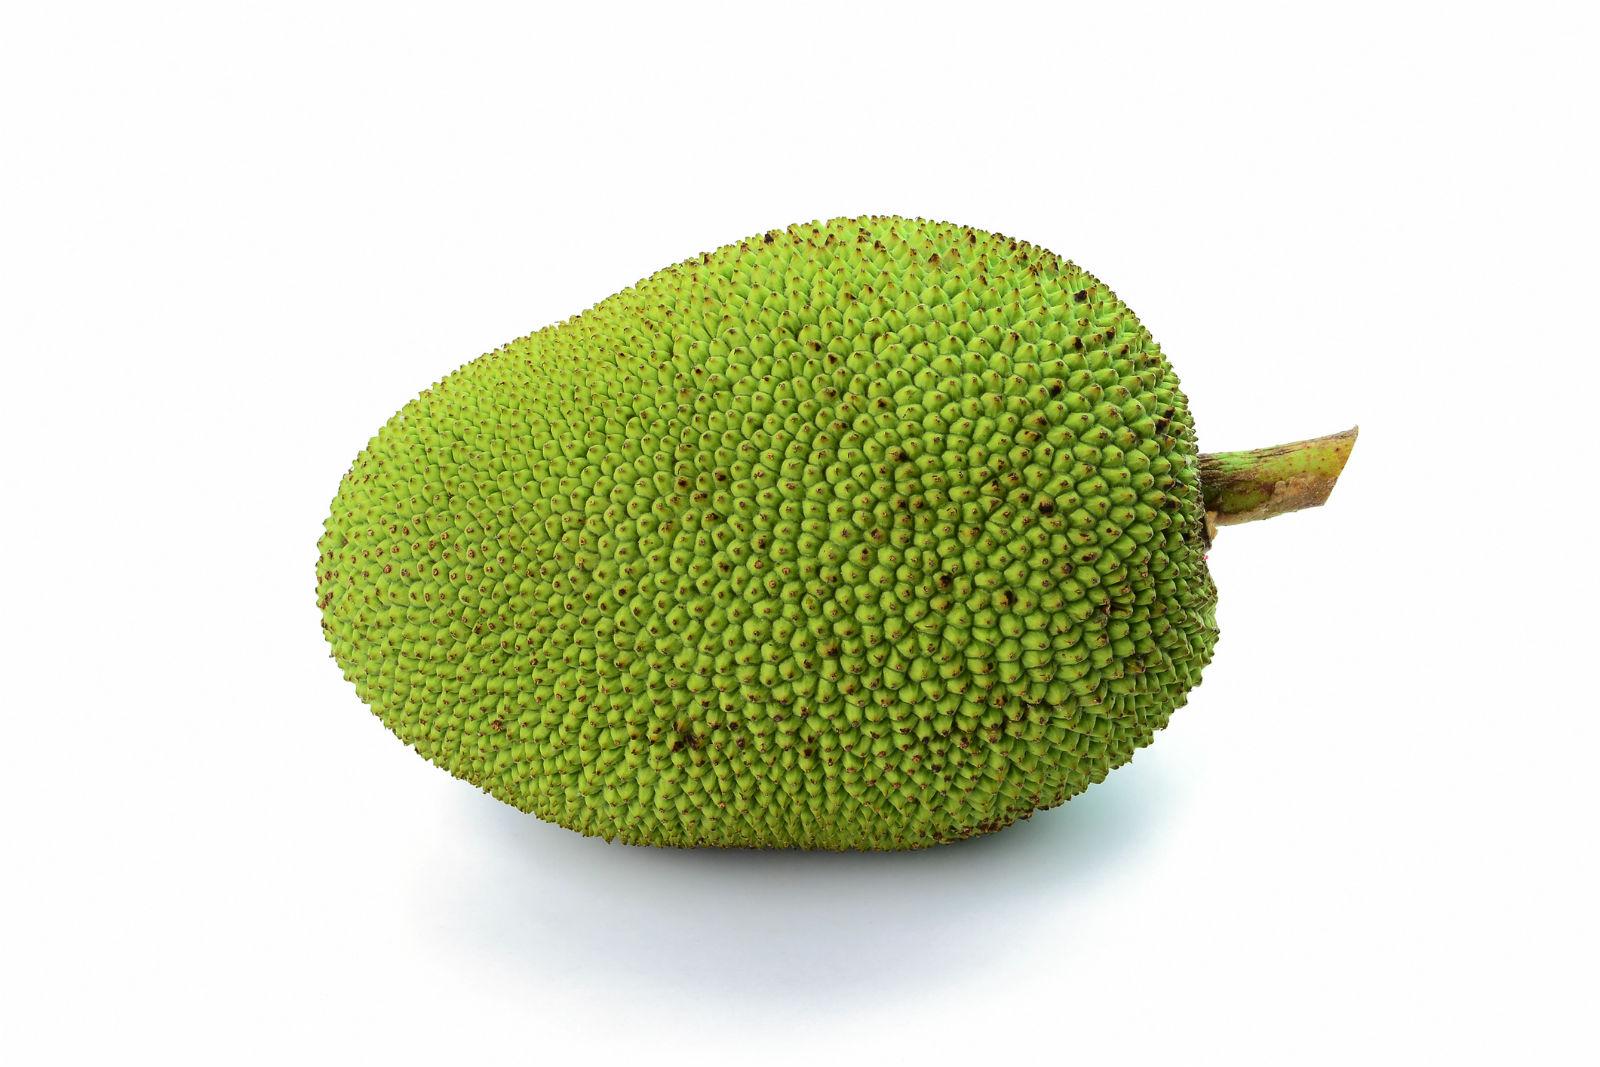 how to cook jackfruit like meat